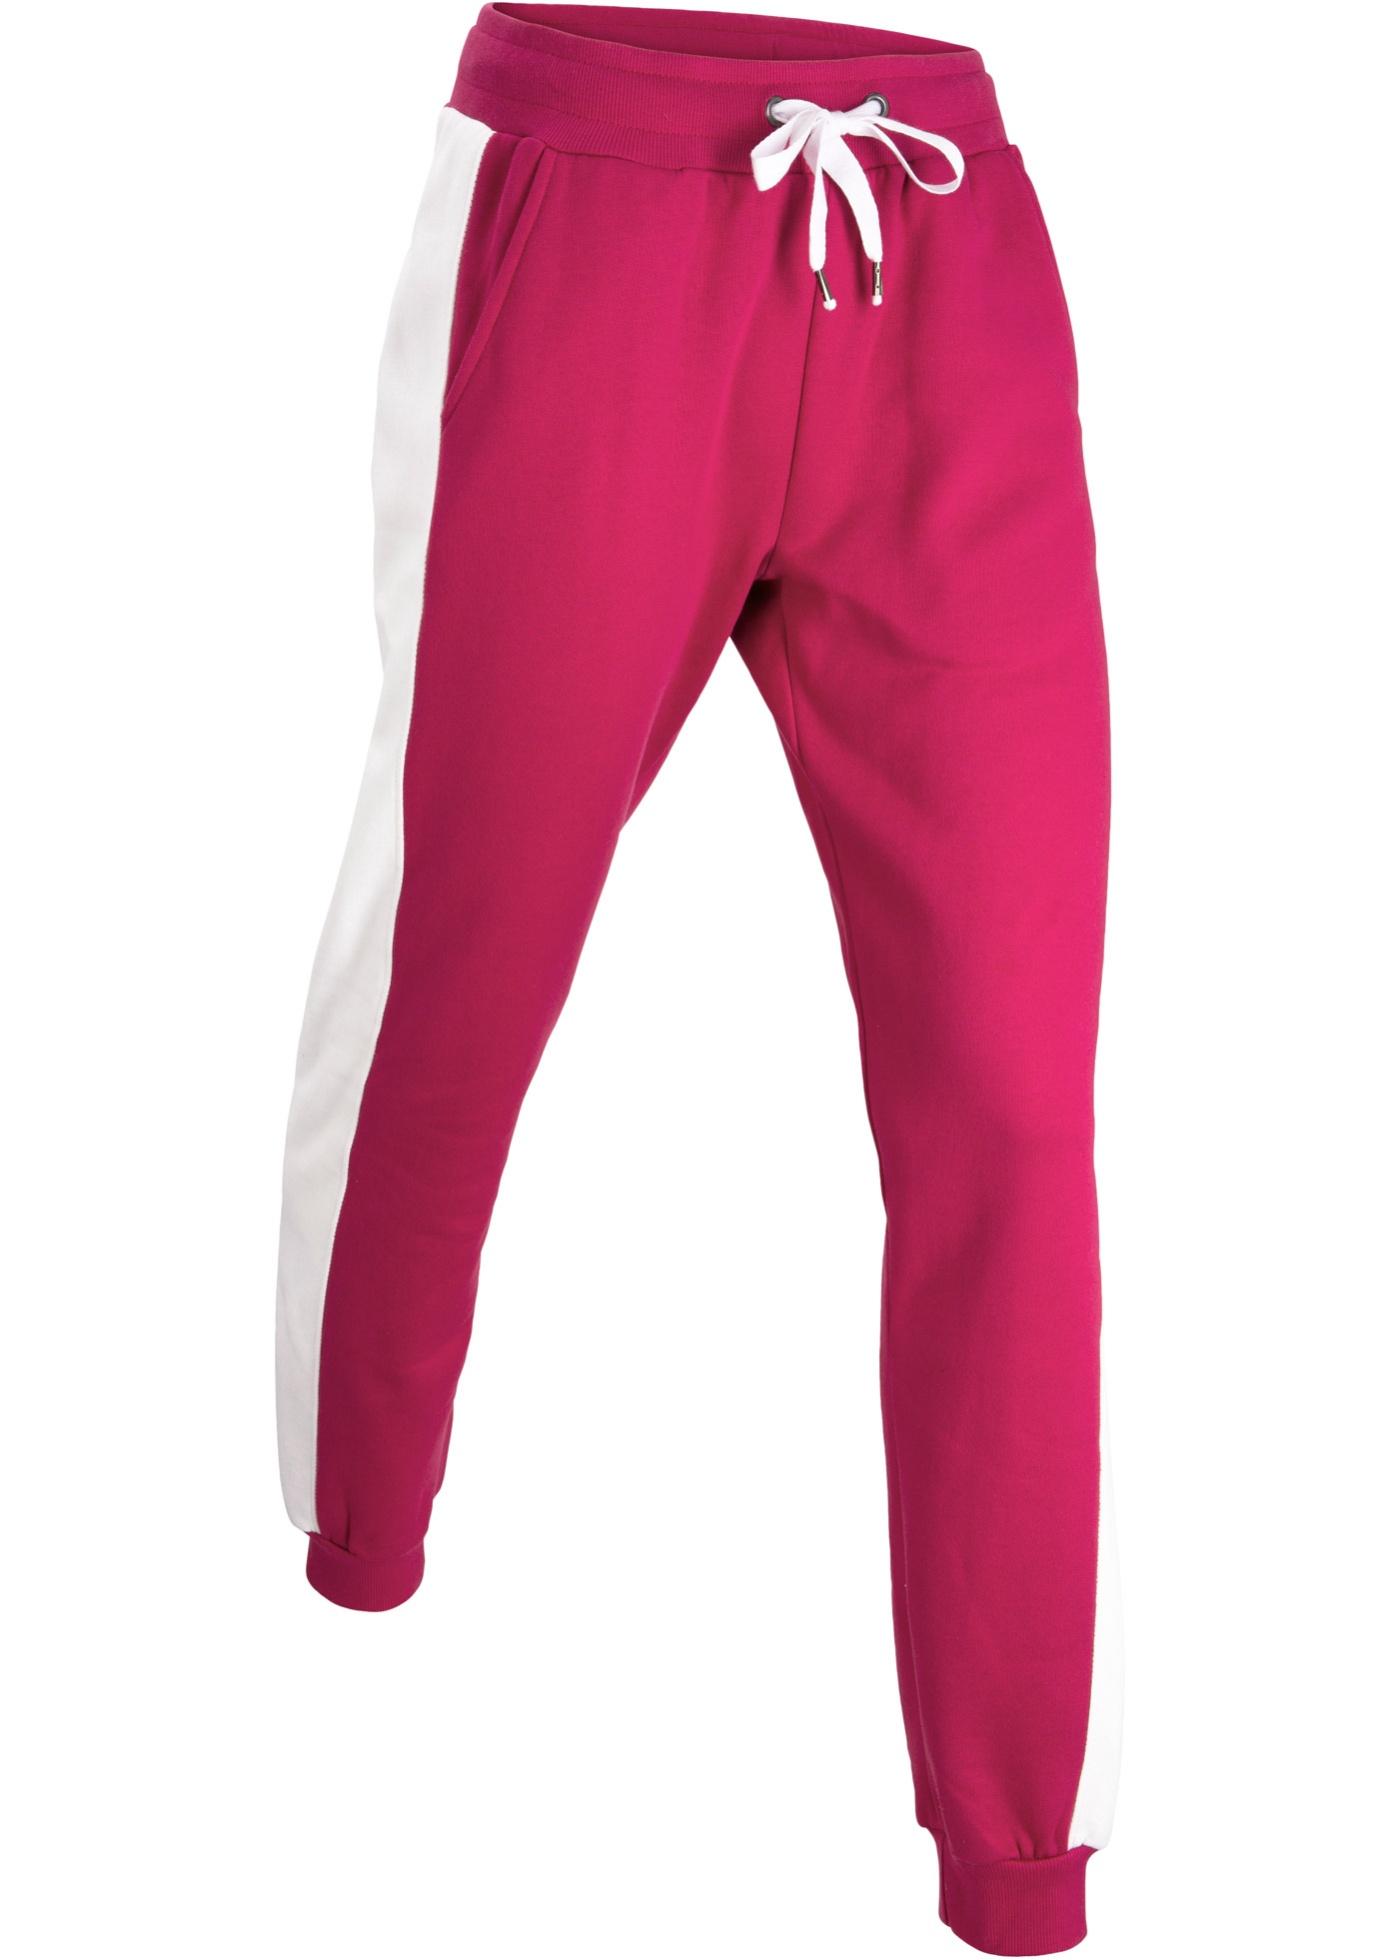 Fuchsia CollectionPantalon 1 En CotonLongNiveau Femme Jogging De Bpc Bonprix Pour 5L4AR3jqSc